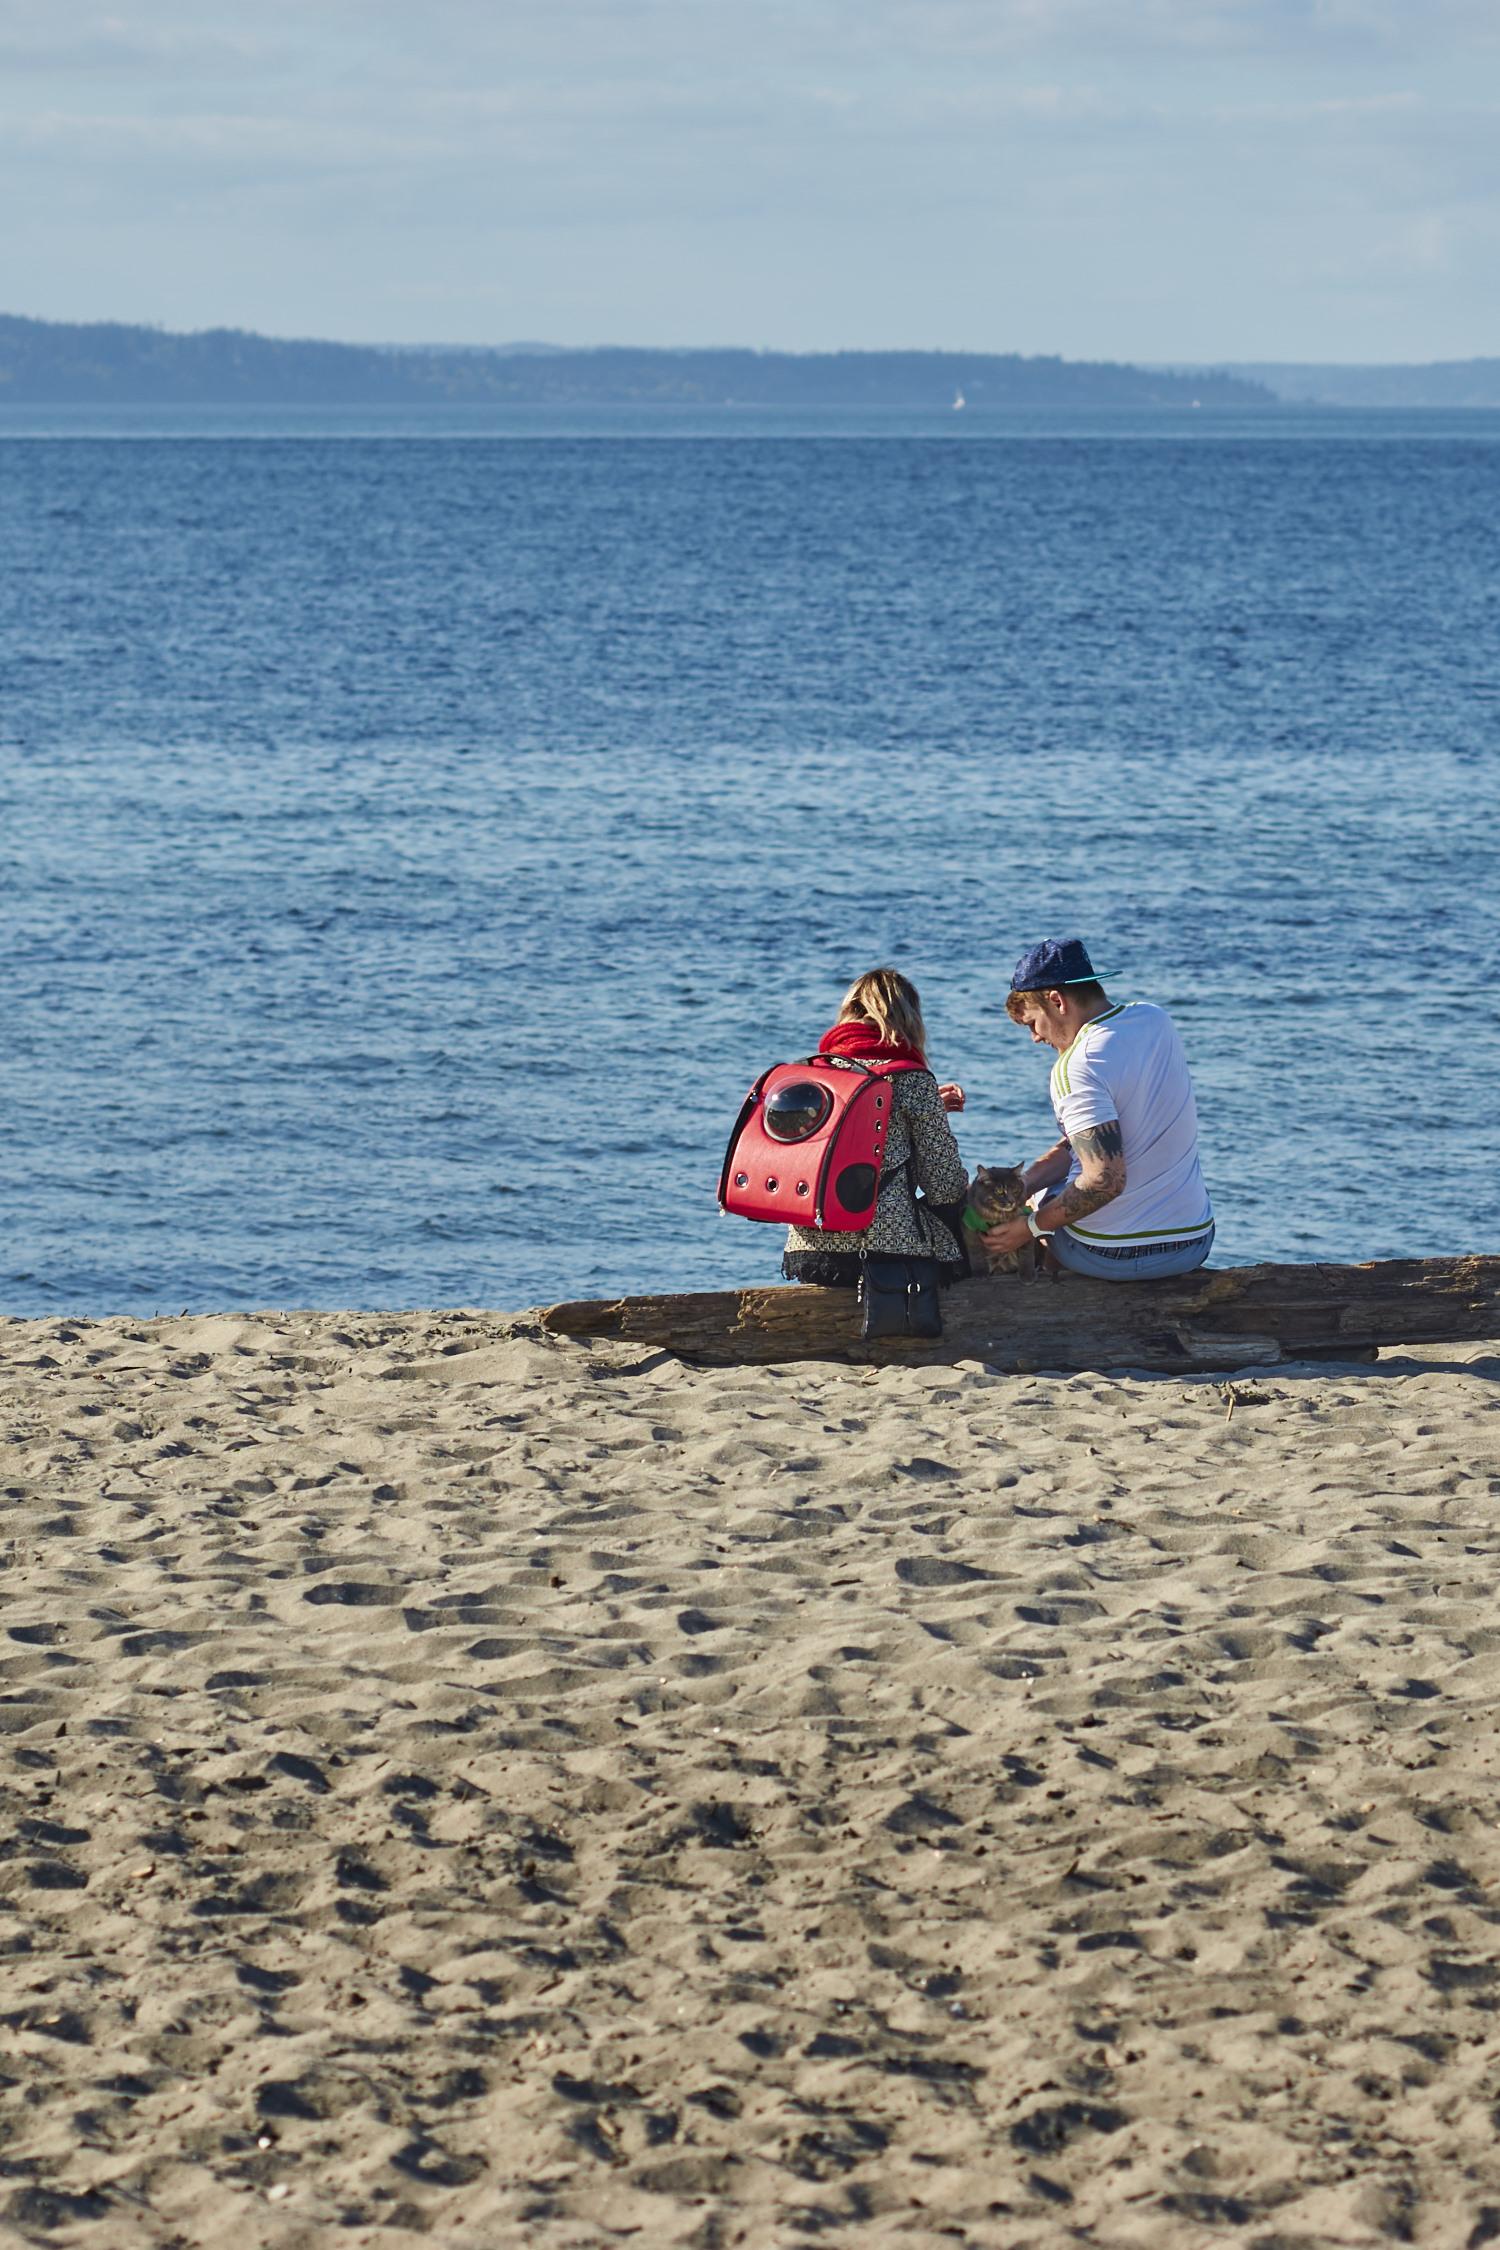 夏日將至! 咱們到海邊去吧